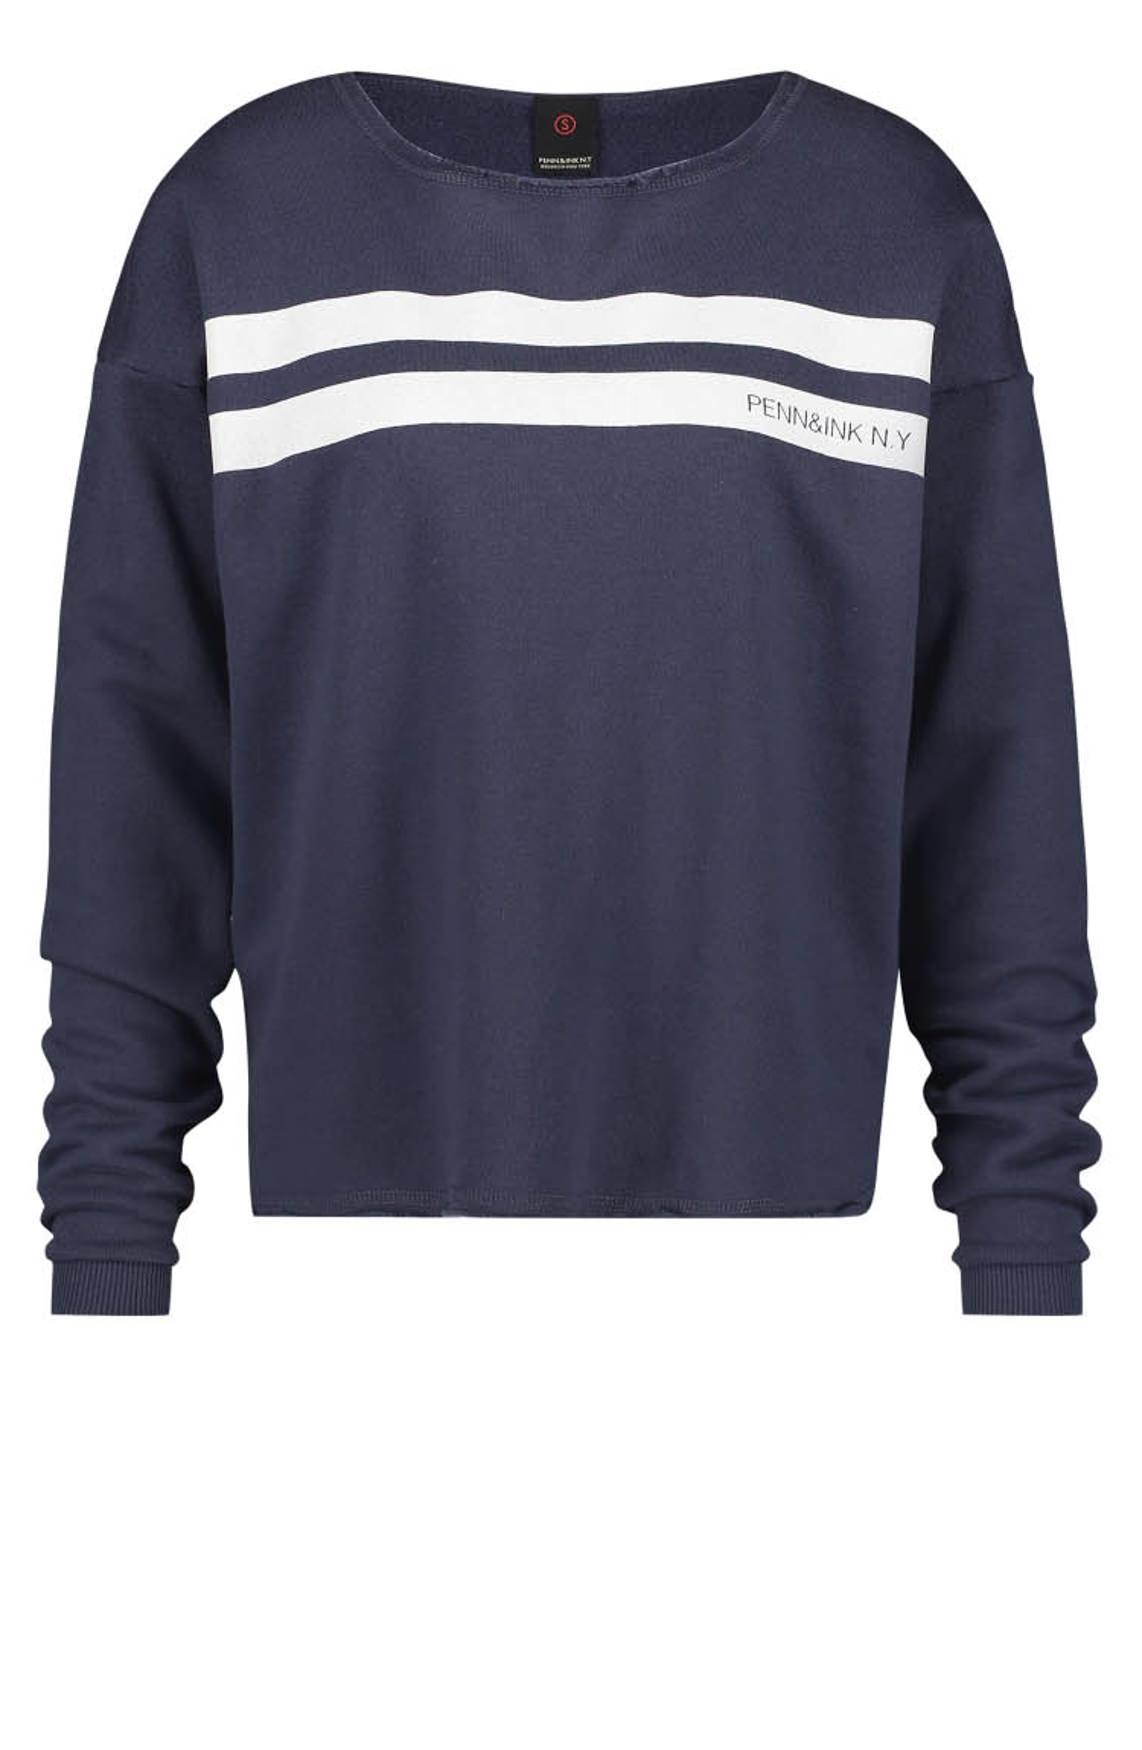 Penn & Ink Dames Sweater met strepen Blauw